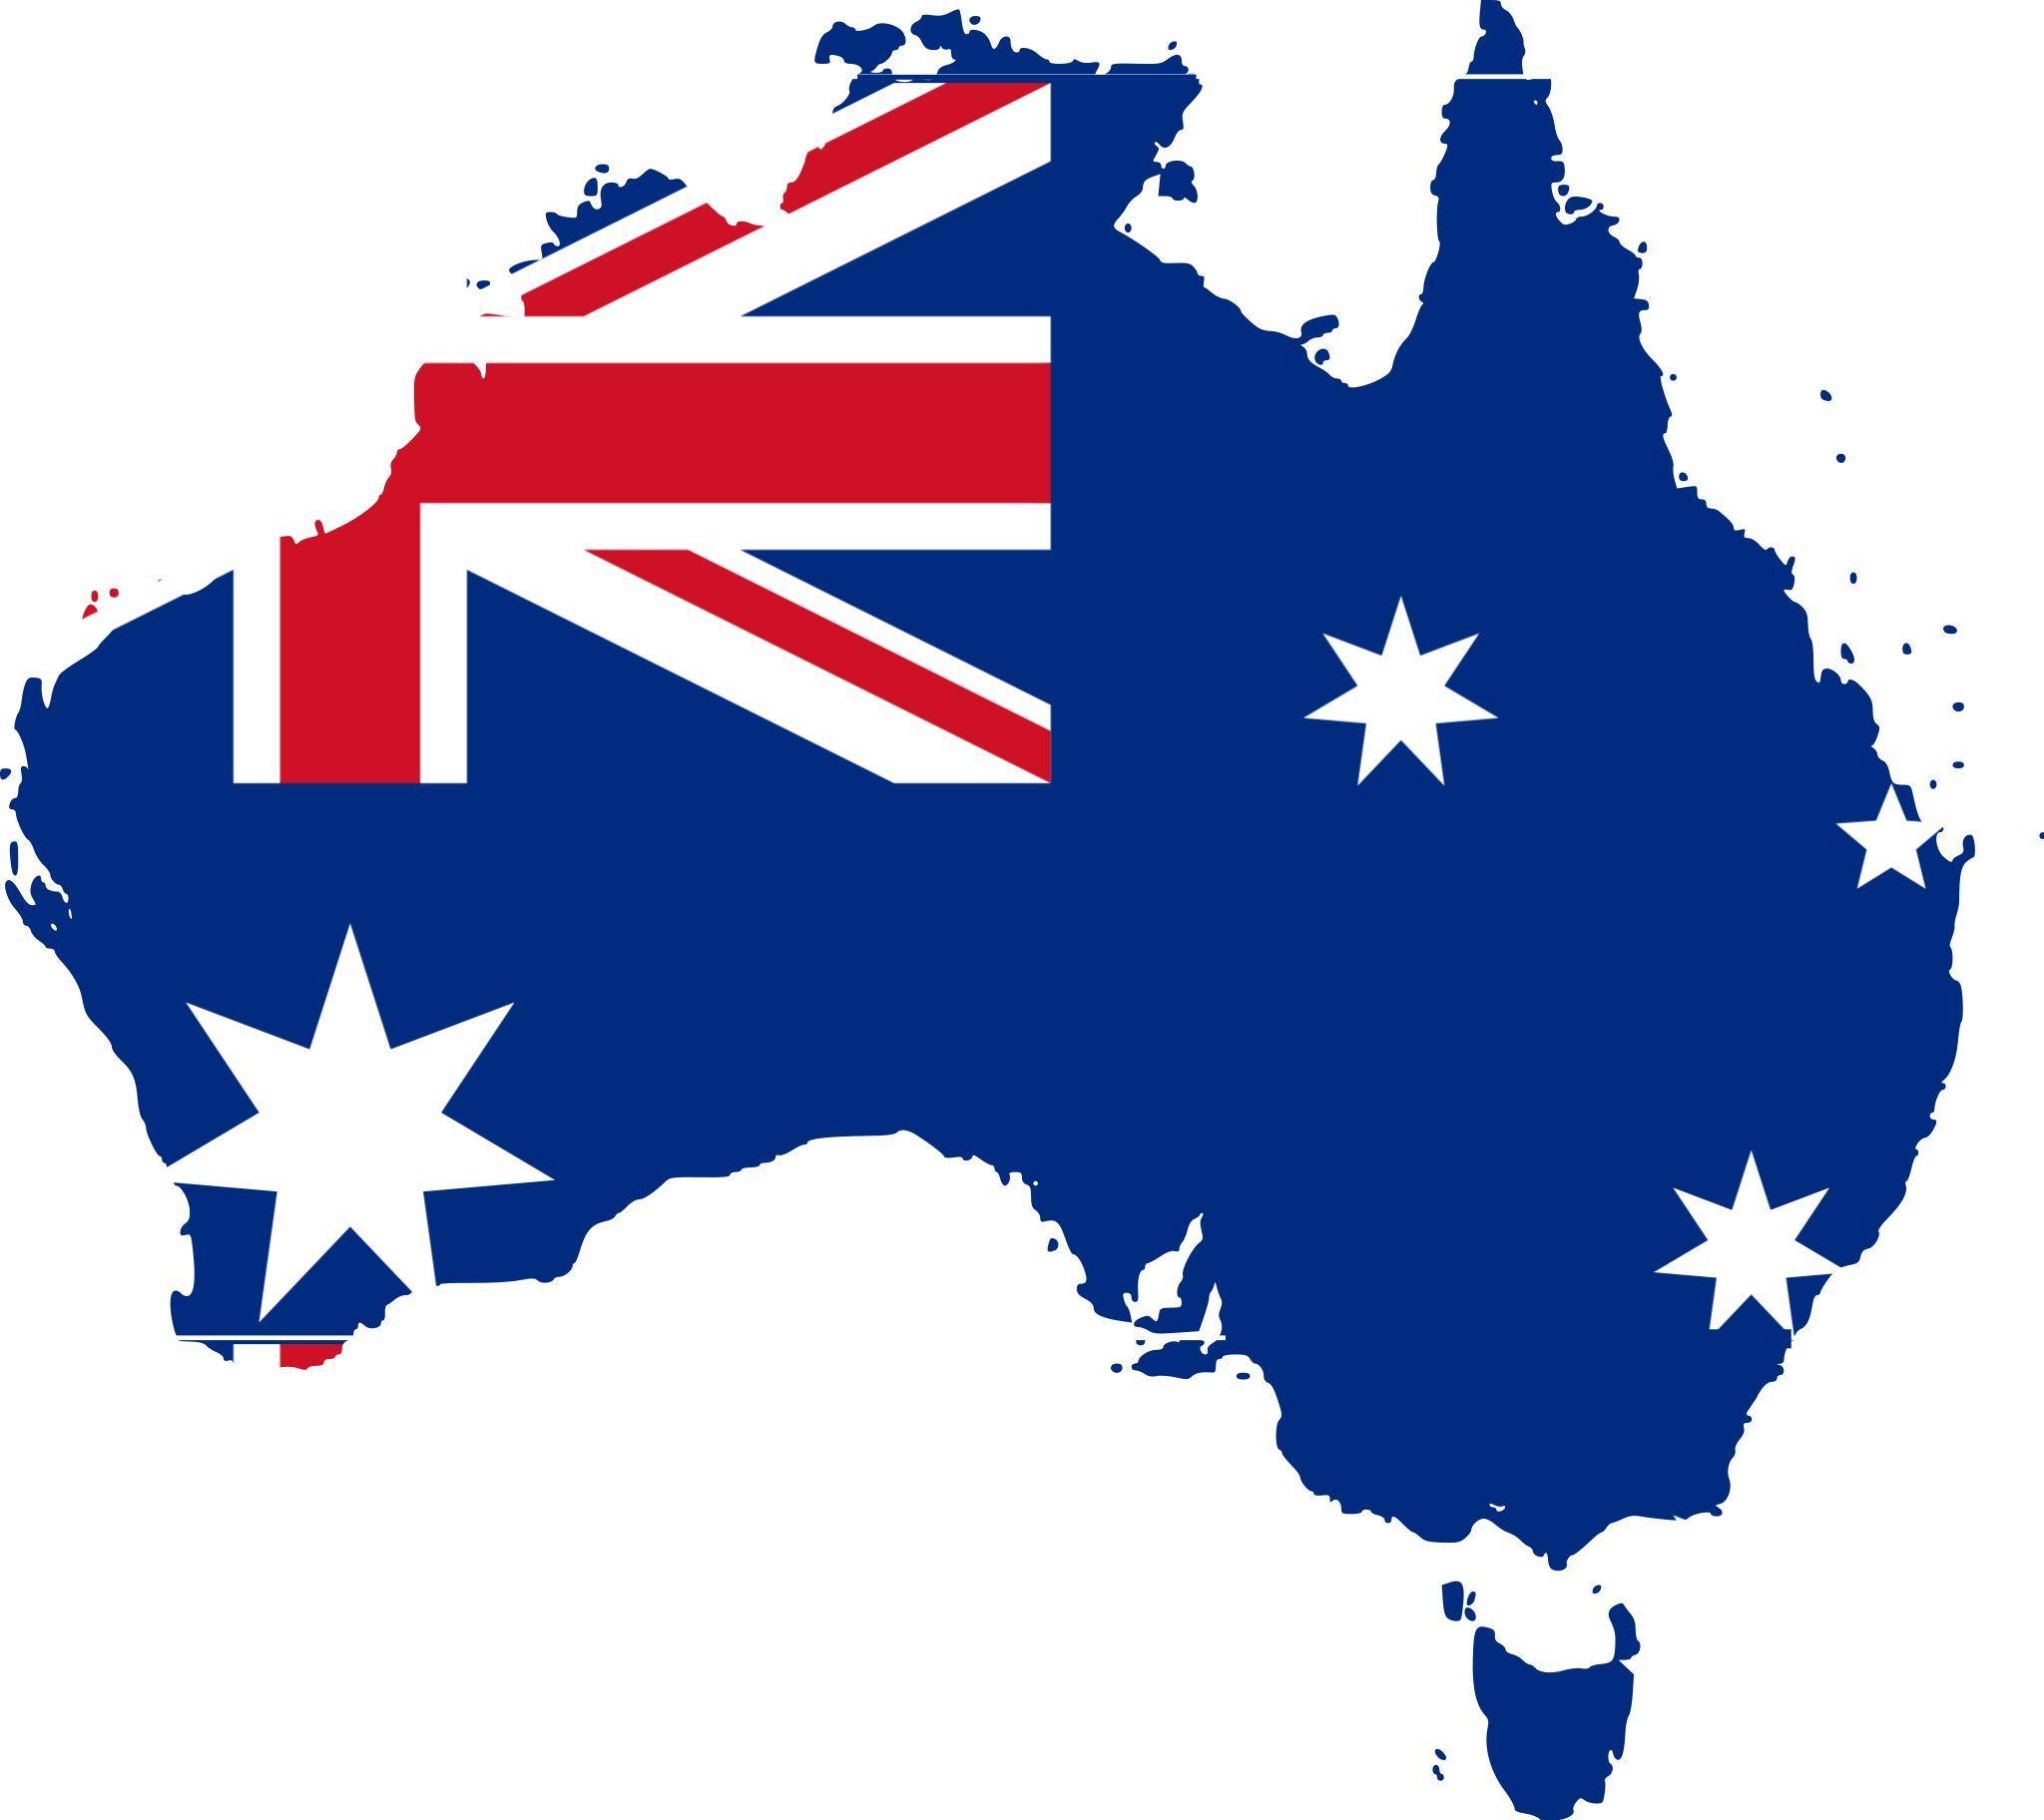 GEOGRAFÍA: ¿Cuál es la capital de Australia?